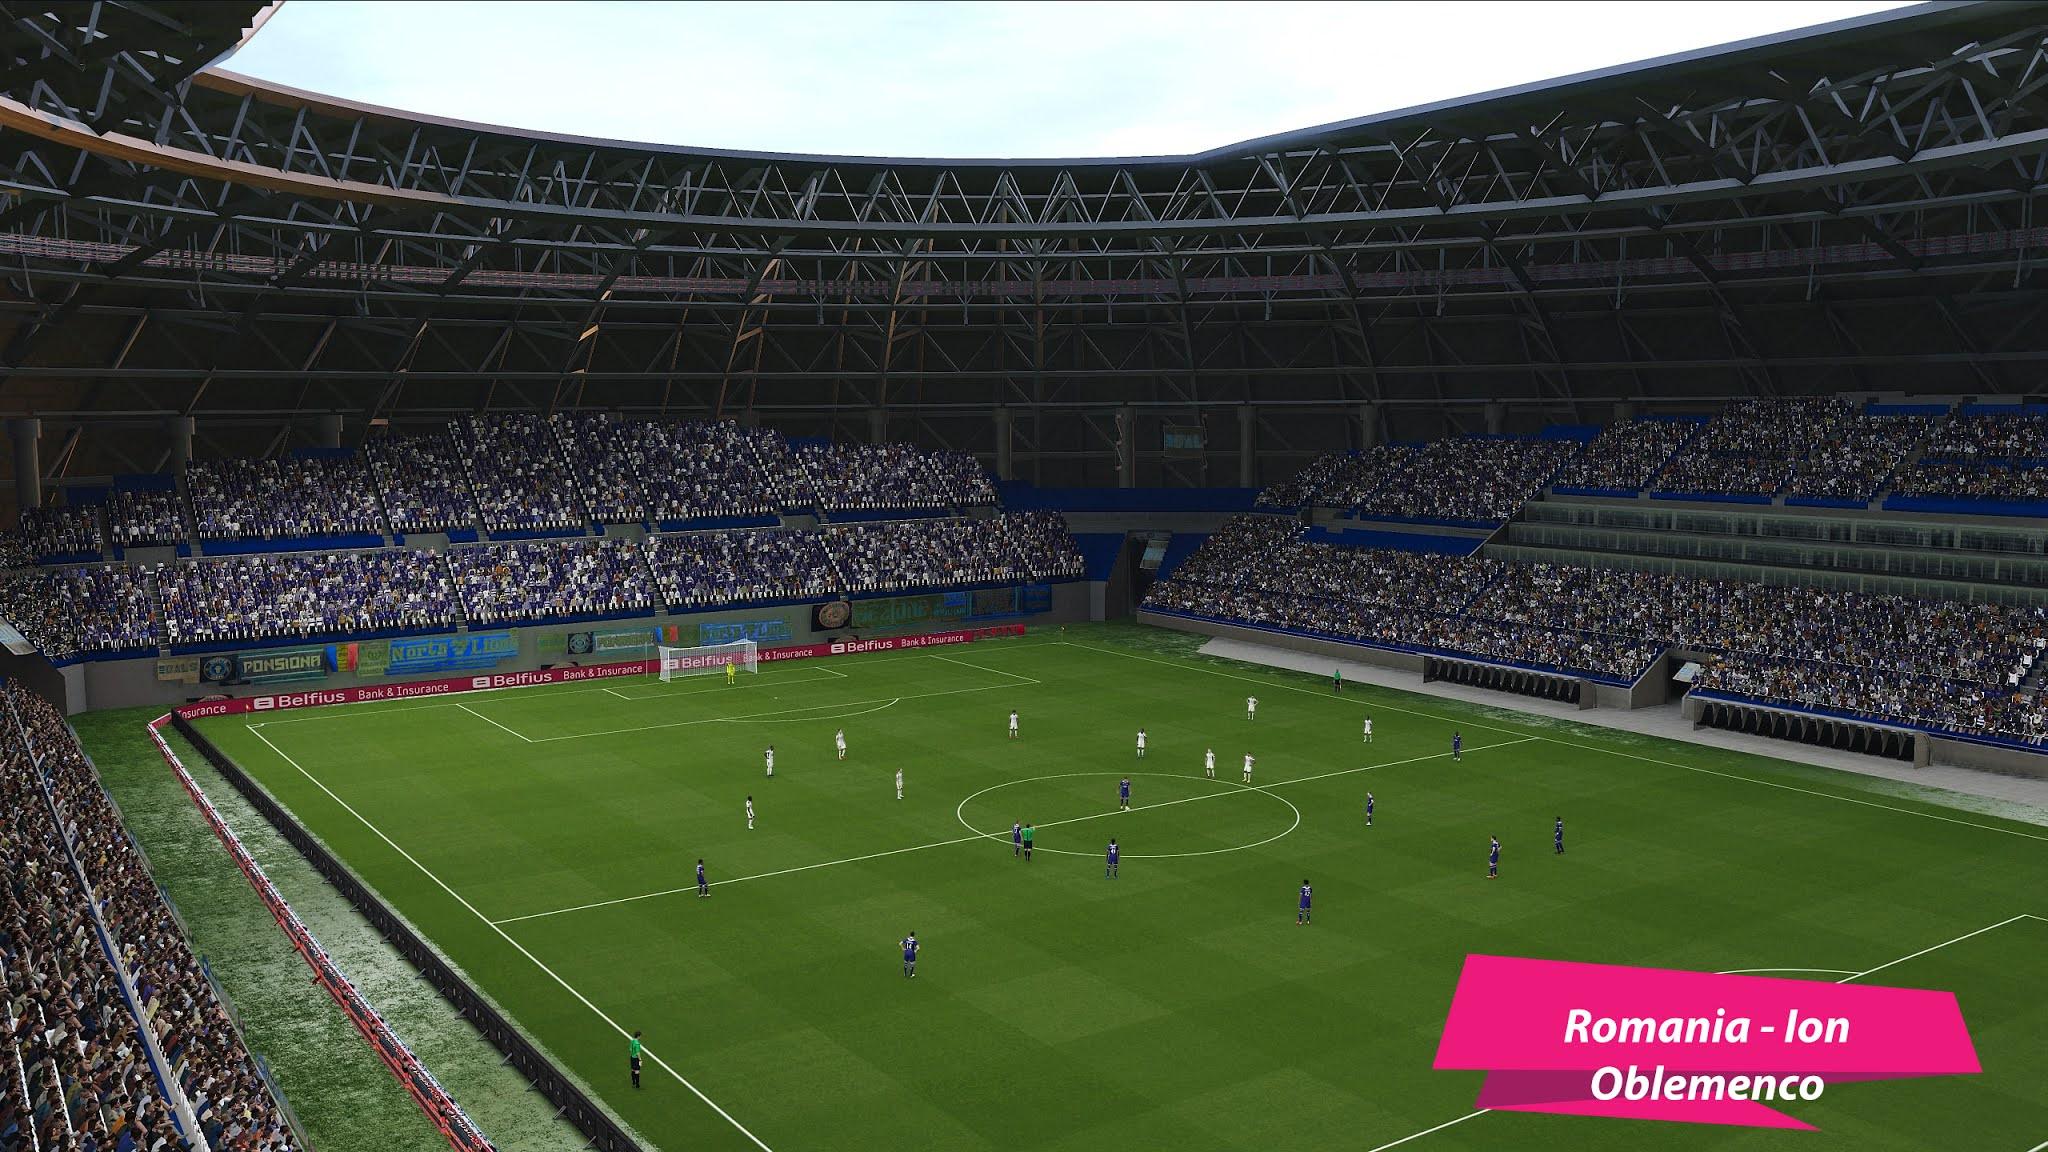 PES 2021 Ion Oblemenco Stadium